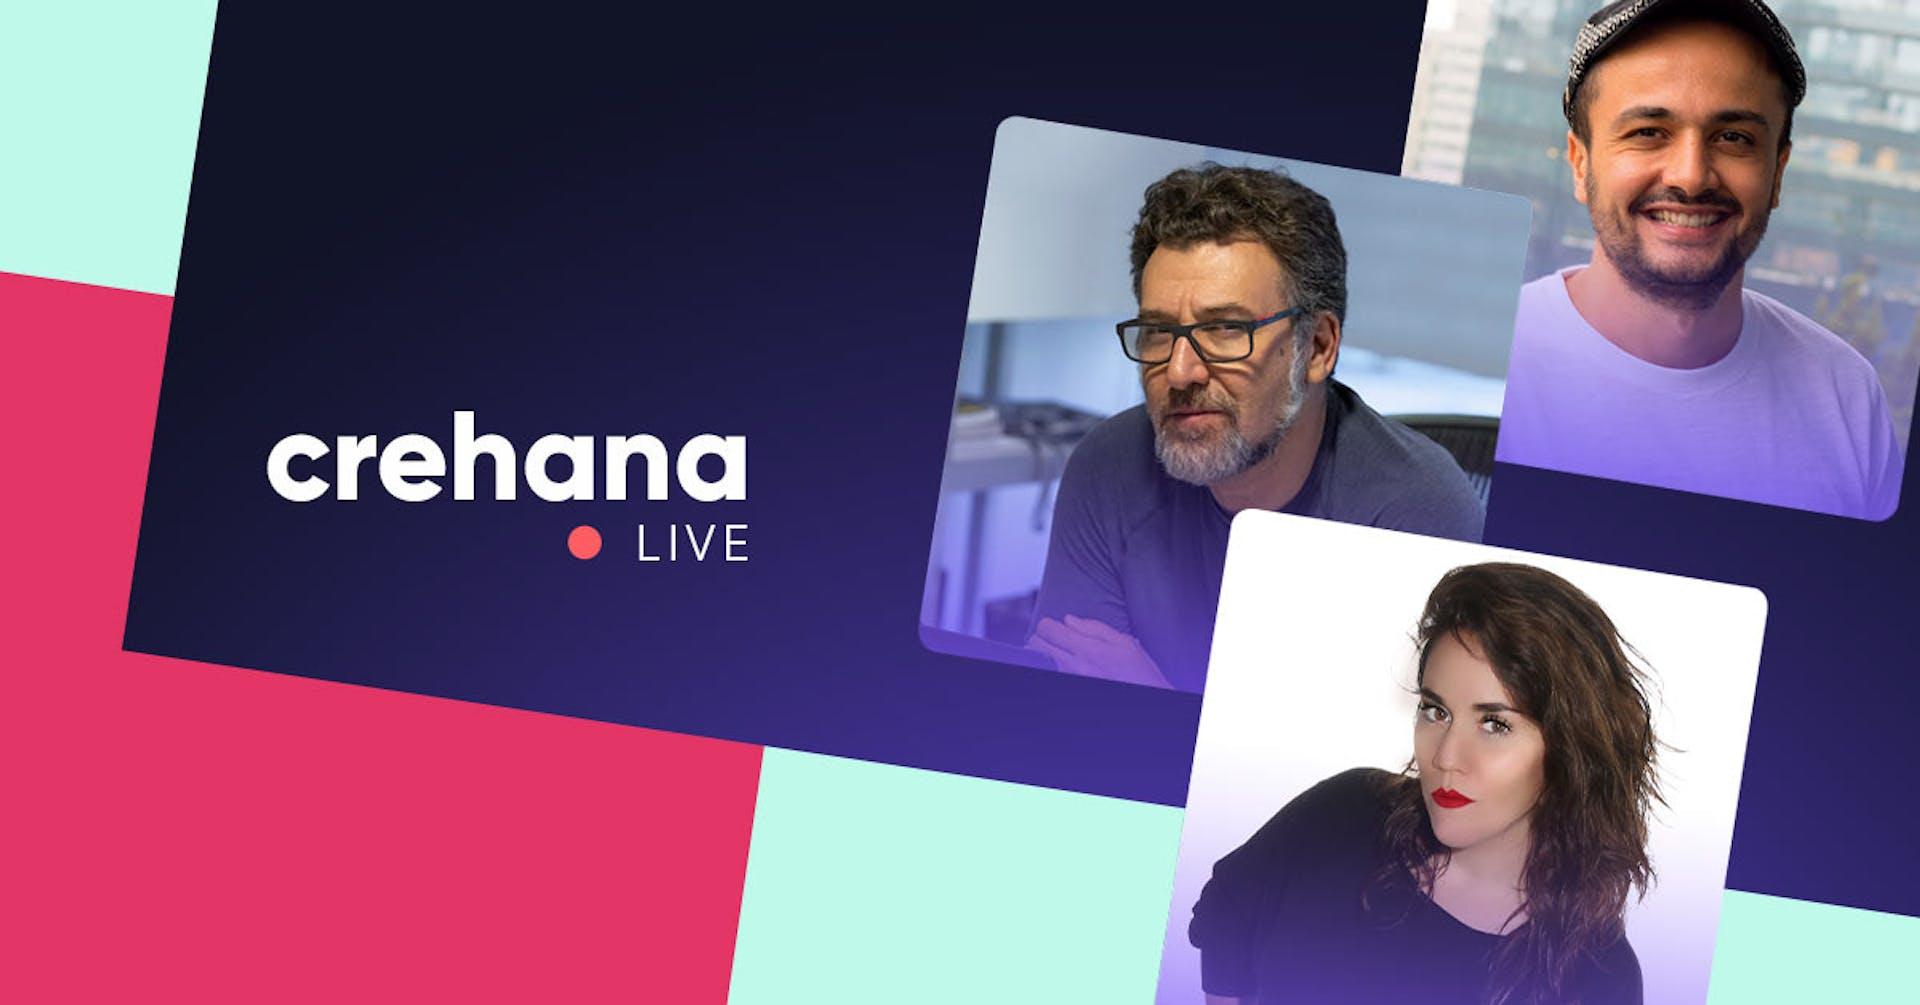 Crehana Live: Revive lo mejor en Marketing